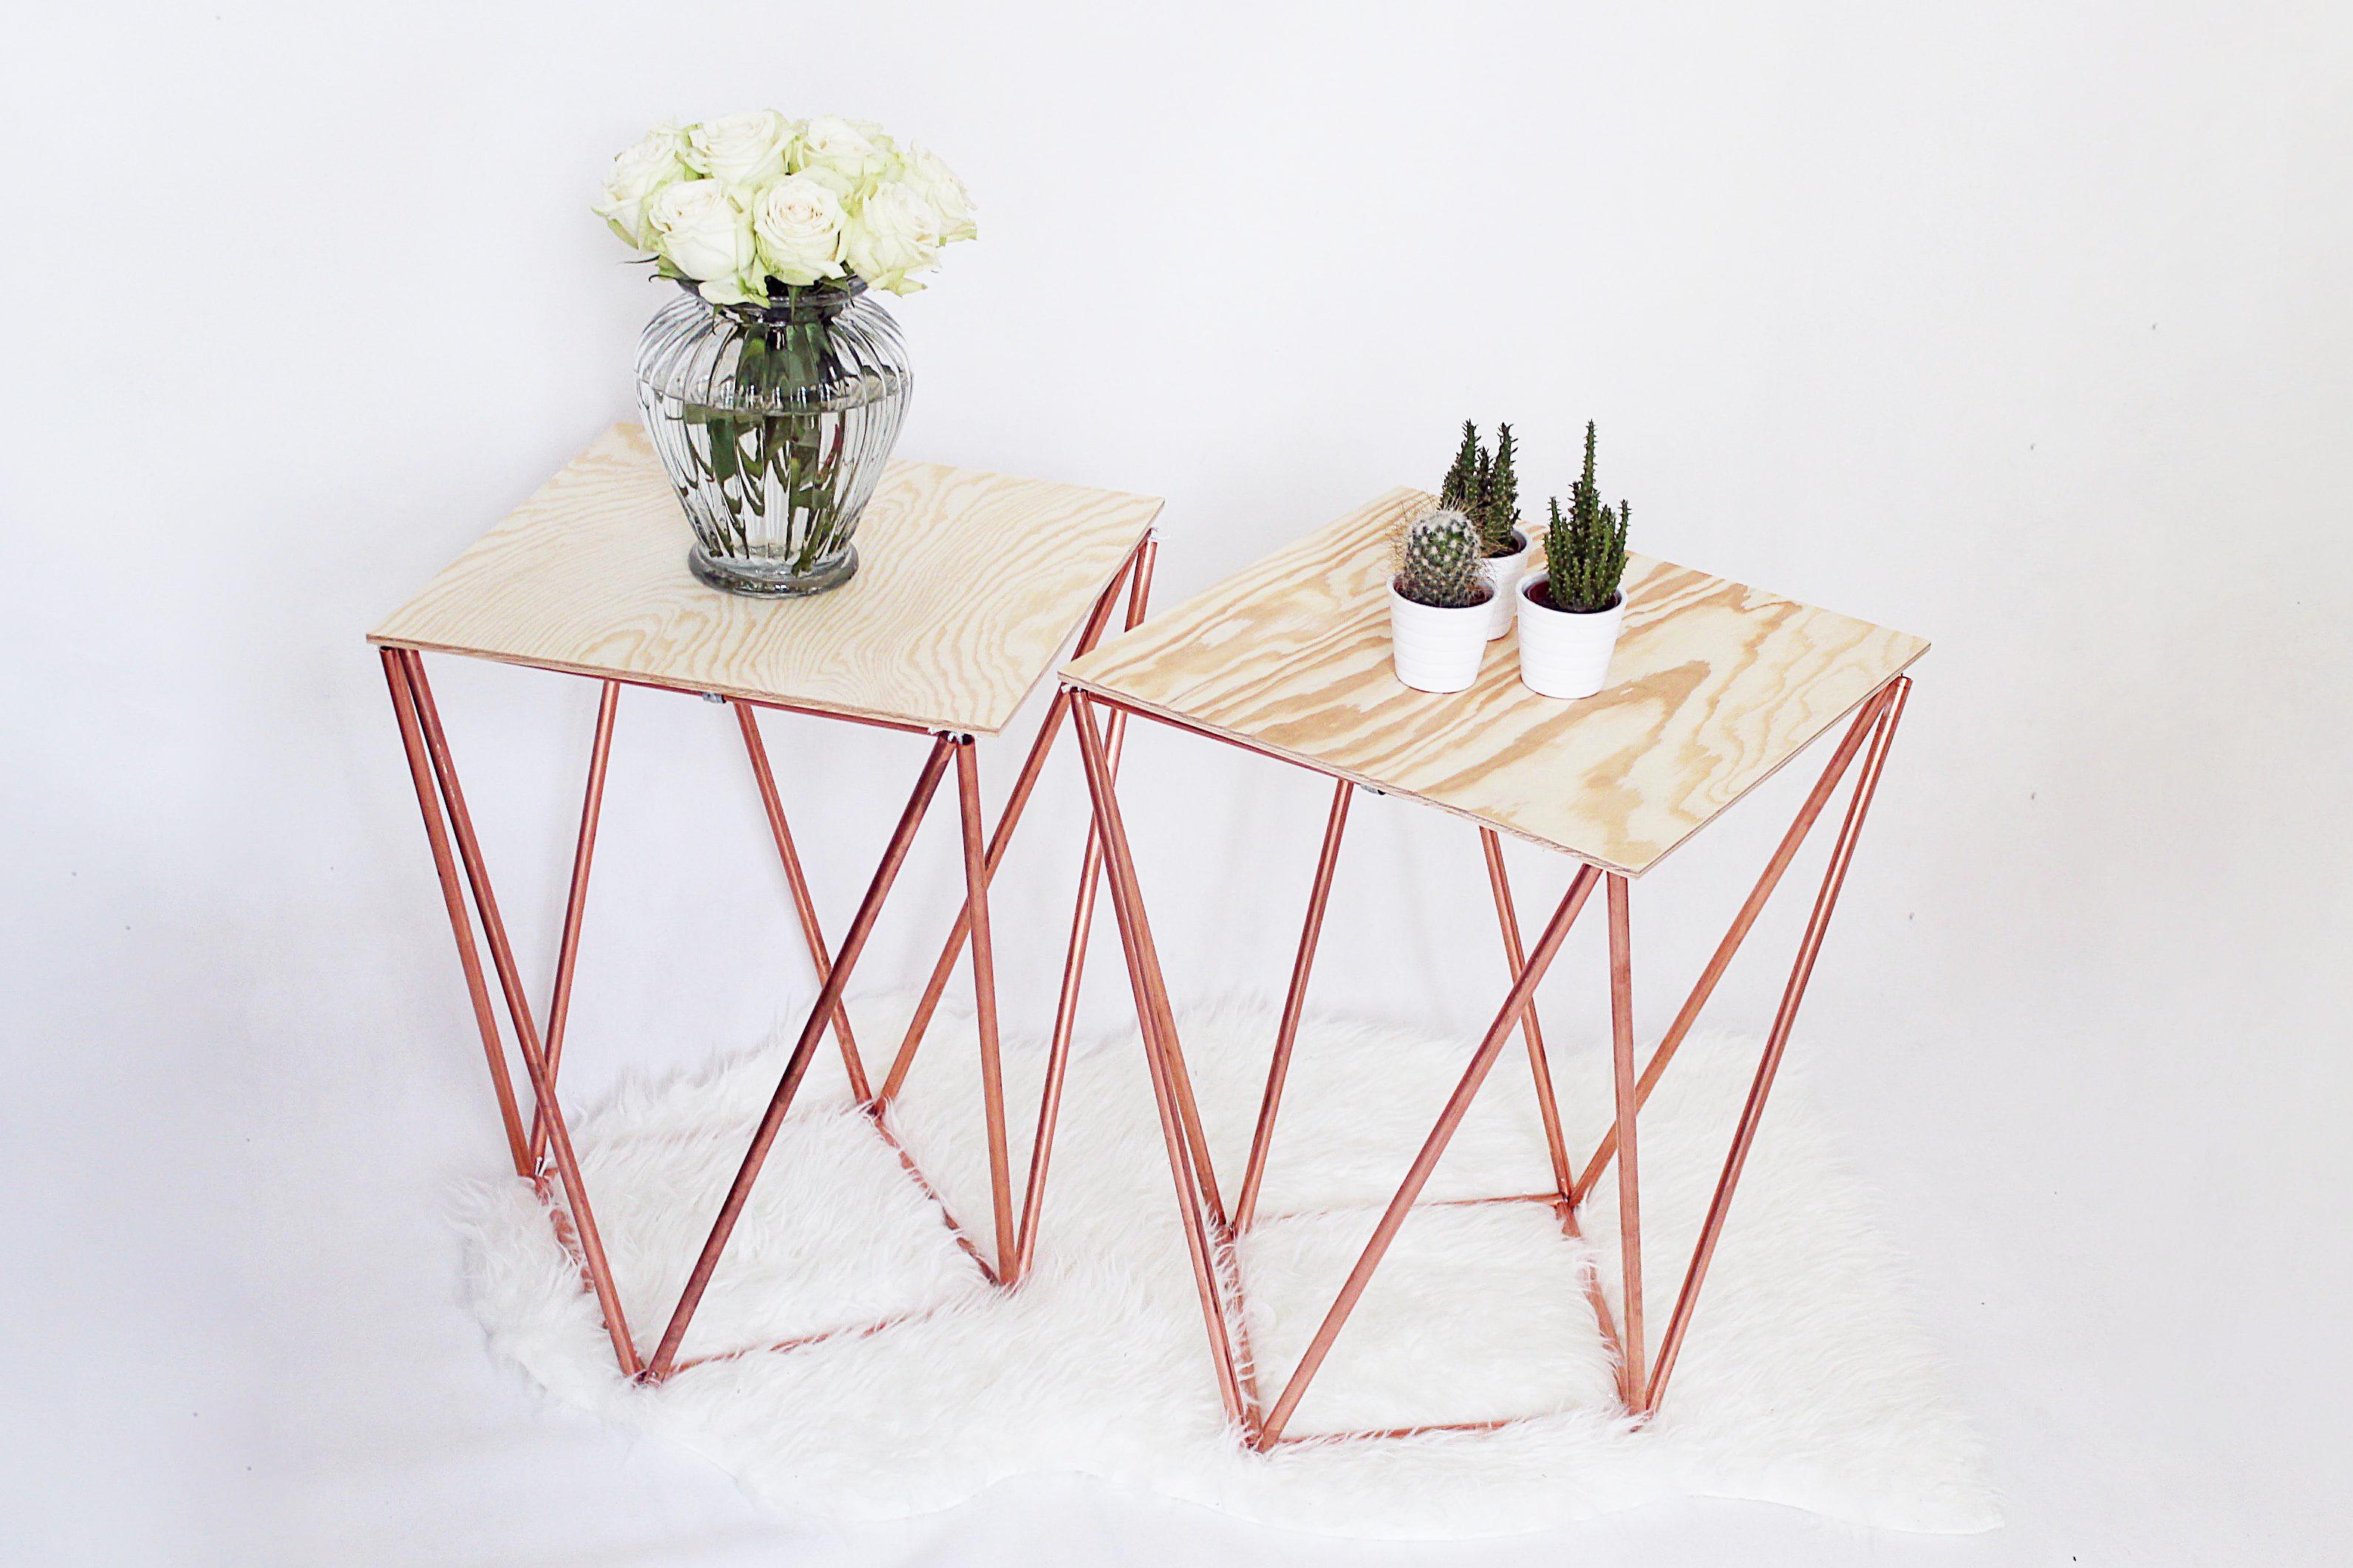 Beistelltisch selber bauen aus kupfer kreative bauanleitung for Kupfer deko